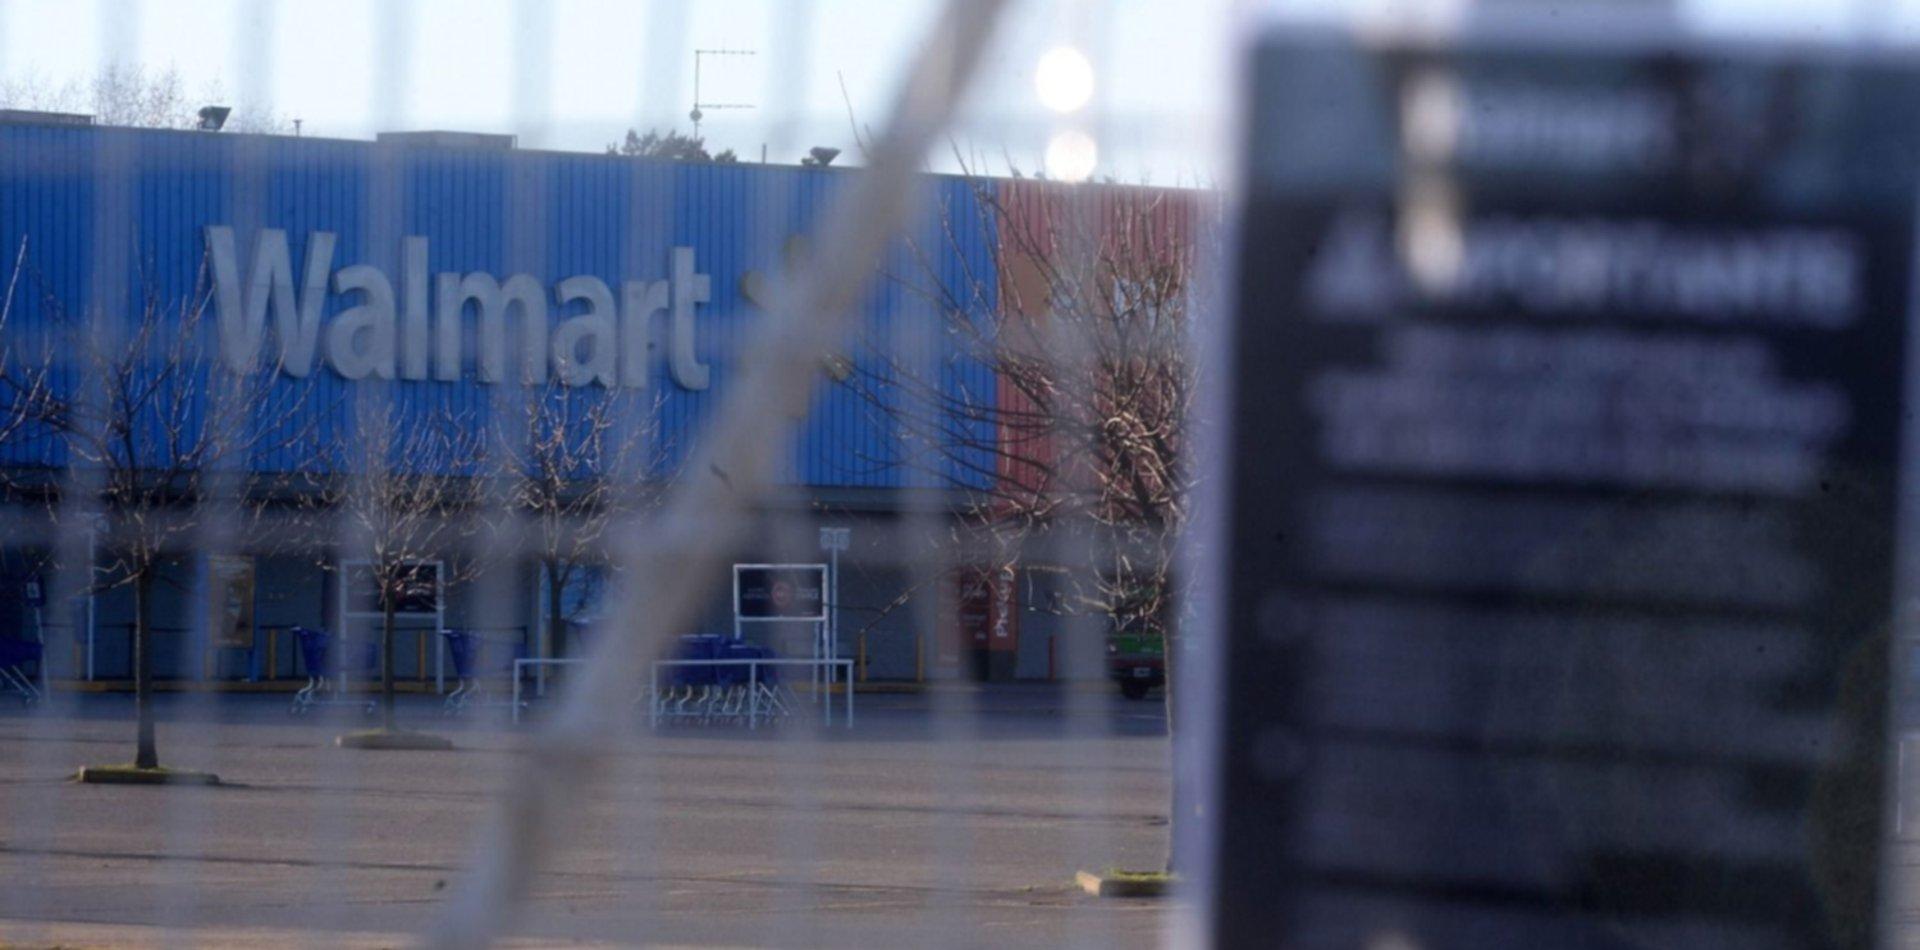 """Trabajadores de Walmart en alerta por el coronavirus: """"Tenemos miedo y ninguna respuesta"""""""